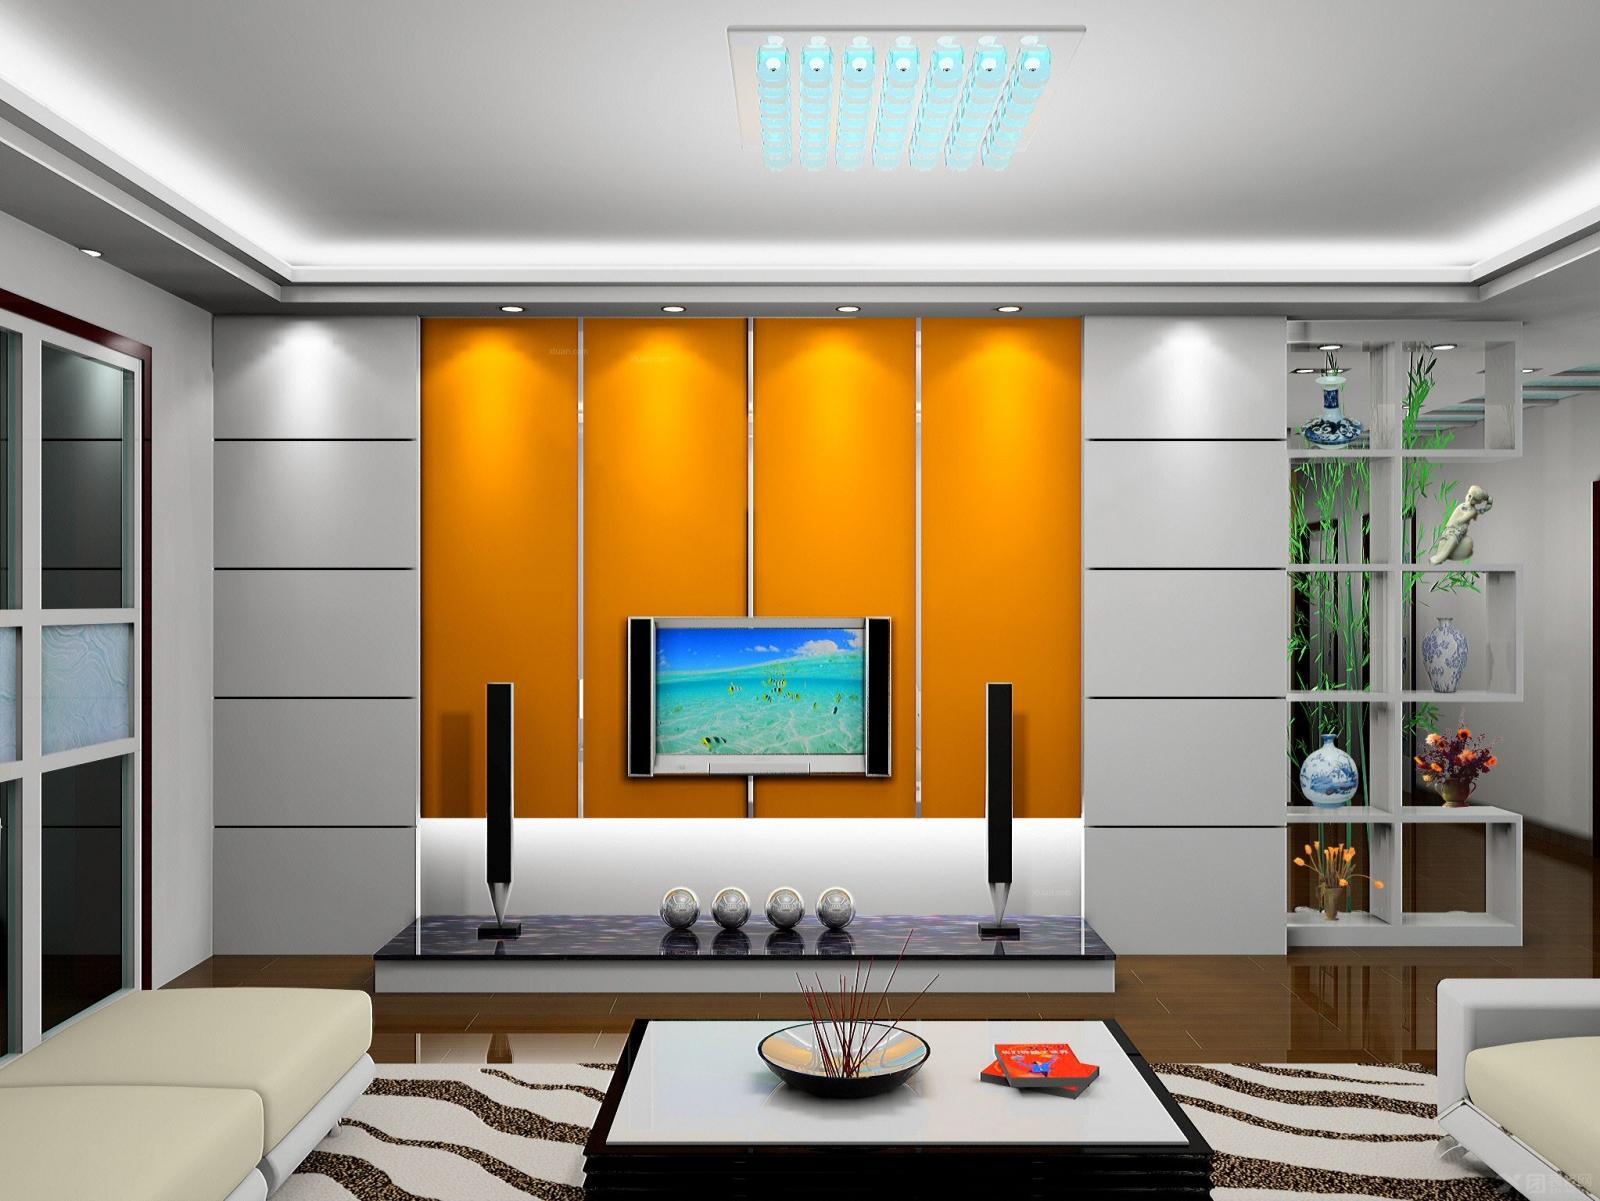 背景墙的装修会影响整个房子装修的效果。空洞单调的房间贴上各式各样的墙纸,方便有美观,壁纸不是很贵,而且不喜欢了还可以随时换掉,方便实用,被大多数人所接受,壁纸装饰的背景墙质感也是不用质疑的,能够满足人们对背景墙的各种追求,炫出高雅的姿态和强烈的视觉冲击力,打造整个室内的气氛,提高居室的品位。  下面介绍一下别具风味的英伦风格的墙纸背景墙给大家:  高贵典雅的欧式节奏,淡雅低调的华丽墙纸,加上饰金的装饰边,低调中创造华丽高贵质感,花纹有田园的自在感觉,表现出主人对自然的向往,配合饰金边的欧式富贵扶手椅,烘托